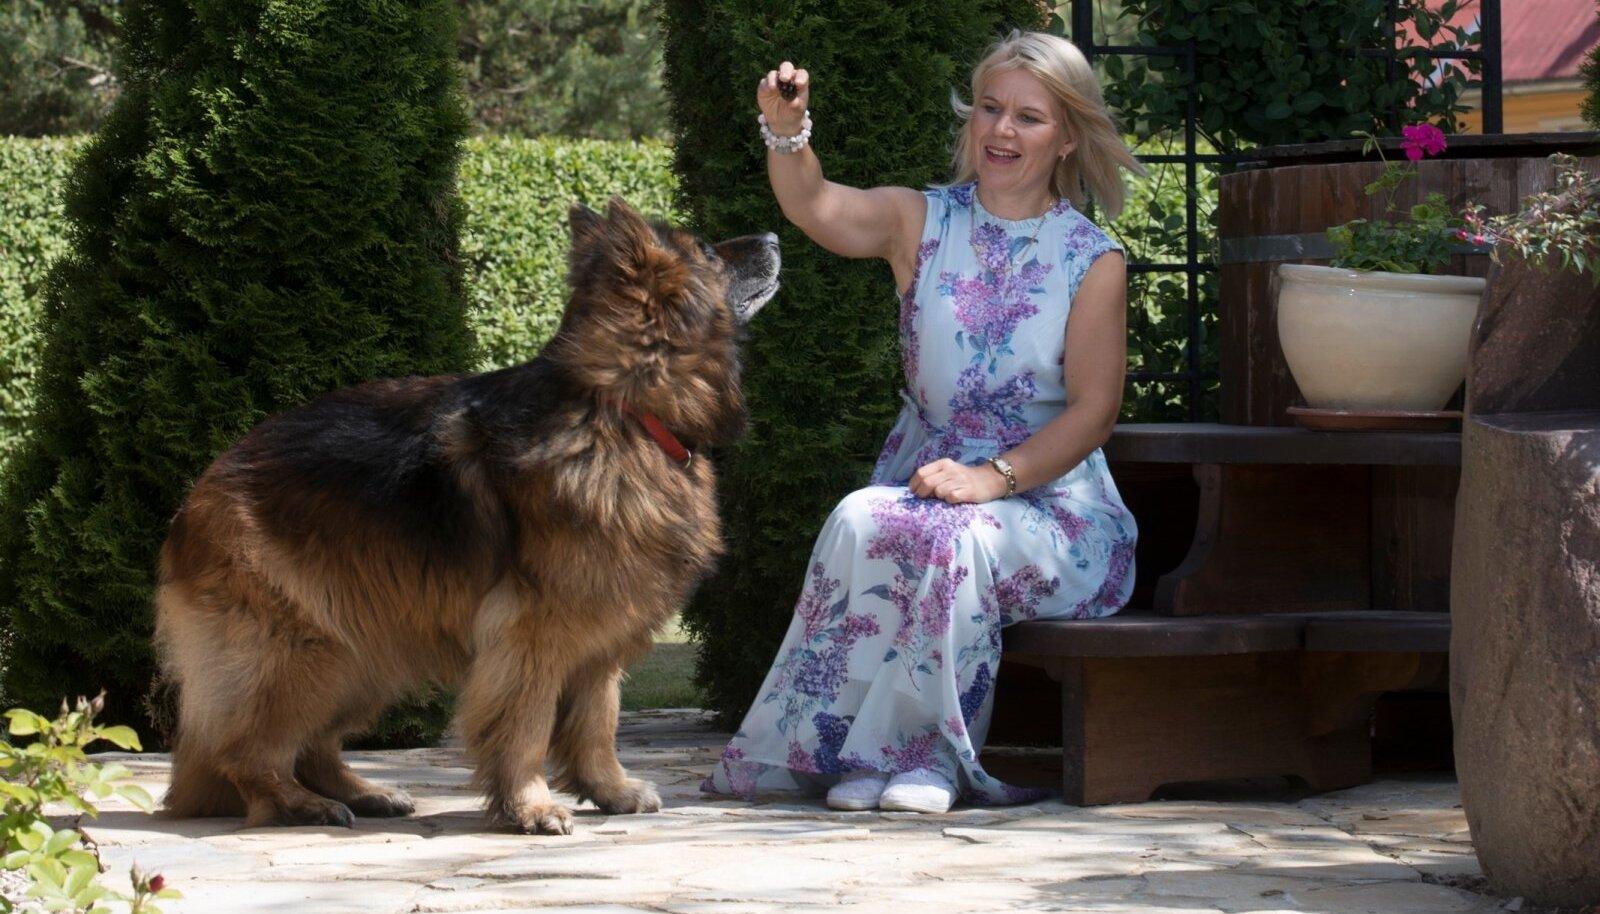 Selles aias muide elab ka koer, kes ei tee haljastusele absoluutselt mingit kahju.